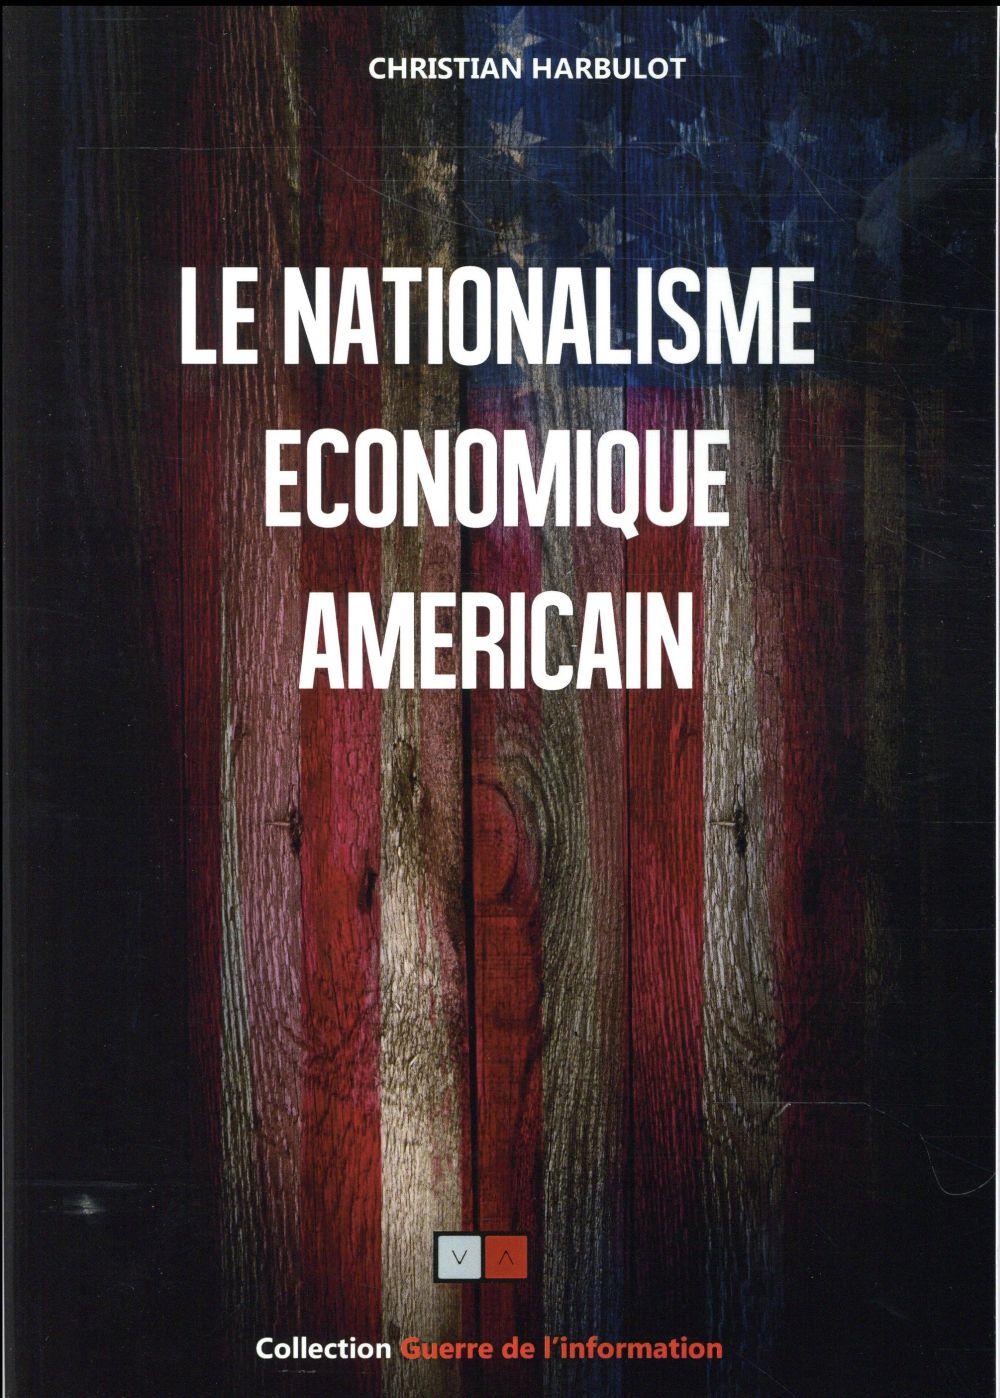 LE NATIONALISME ECONOMIQUE AMERICAIN